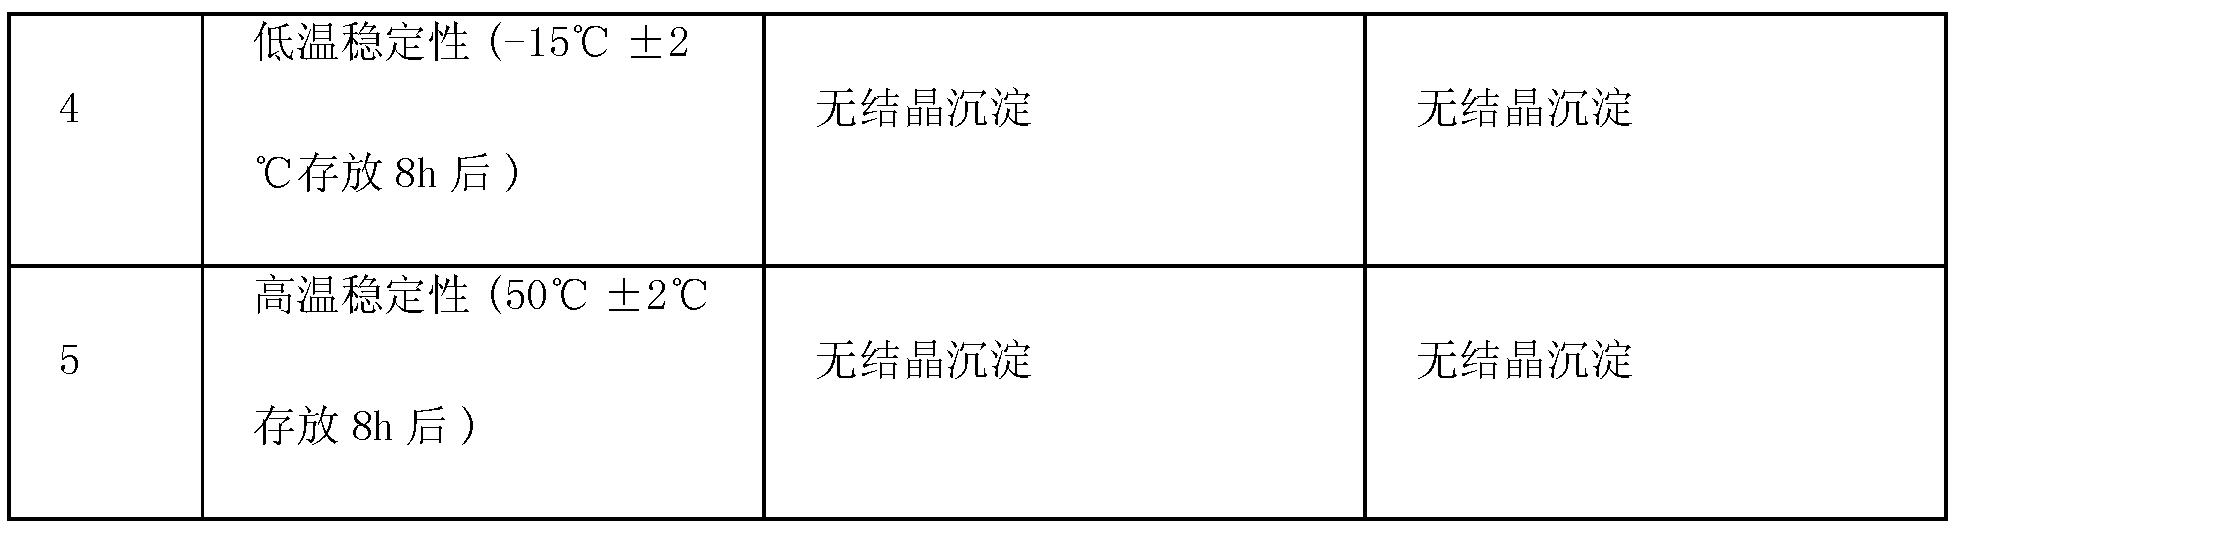 Figure CN101831360BD00061